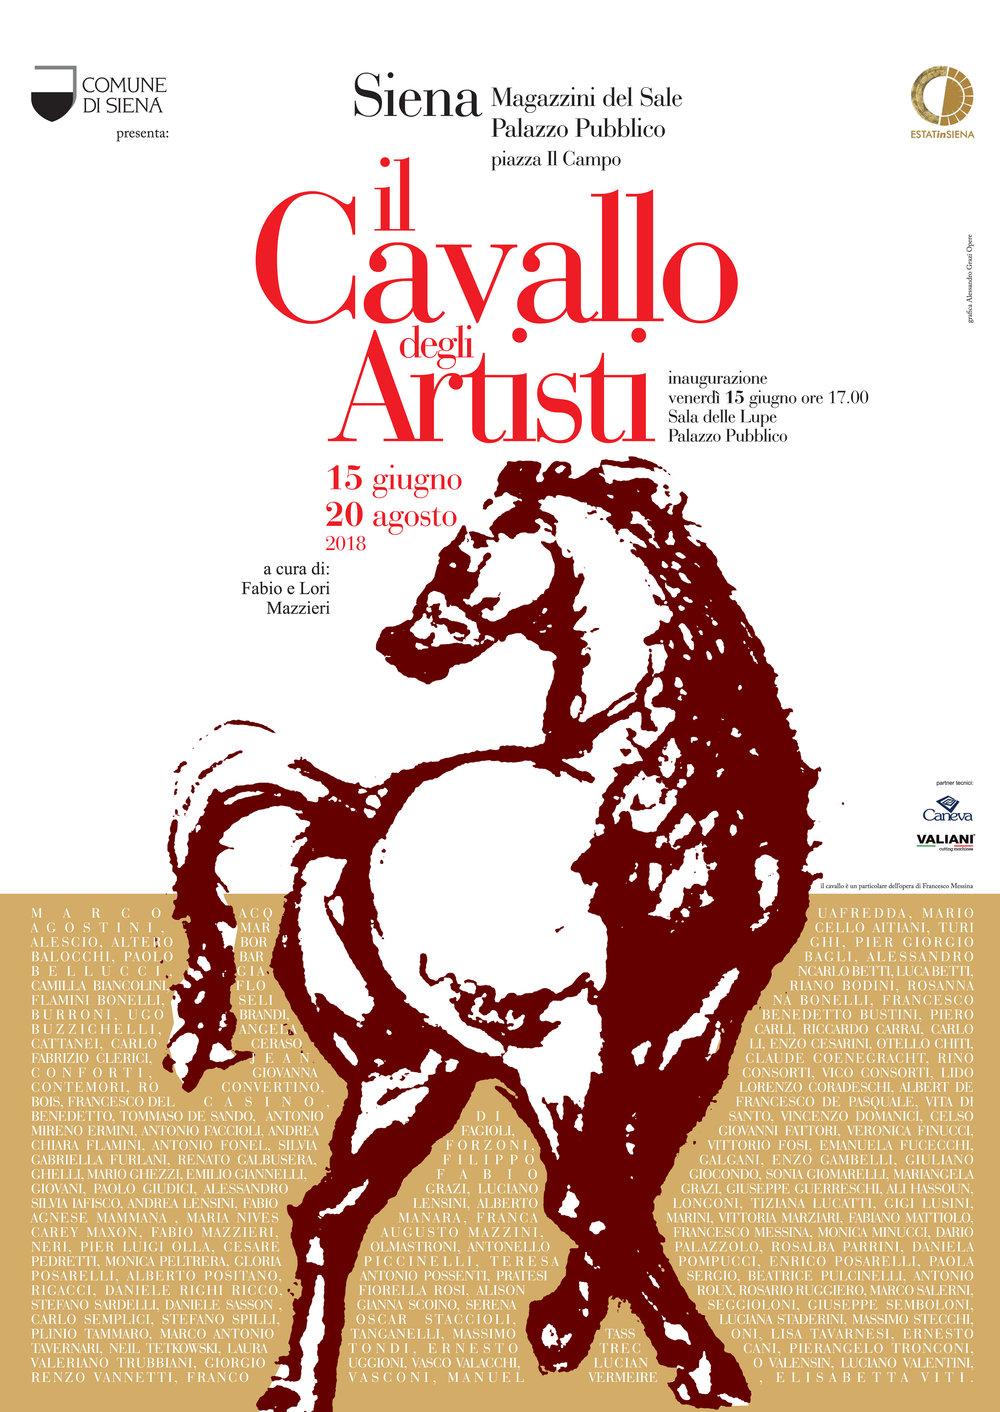 Partecipo con un'illustrazione realizzata a pastelli su carta..una fuga a cavallo....